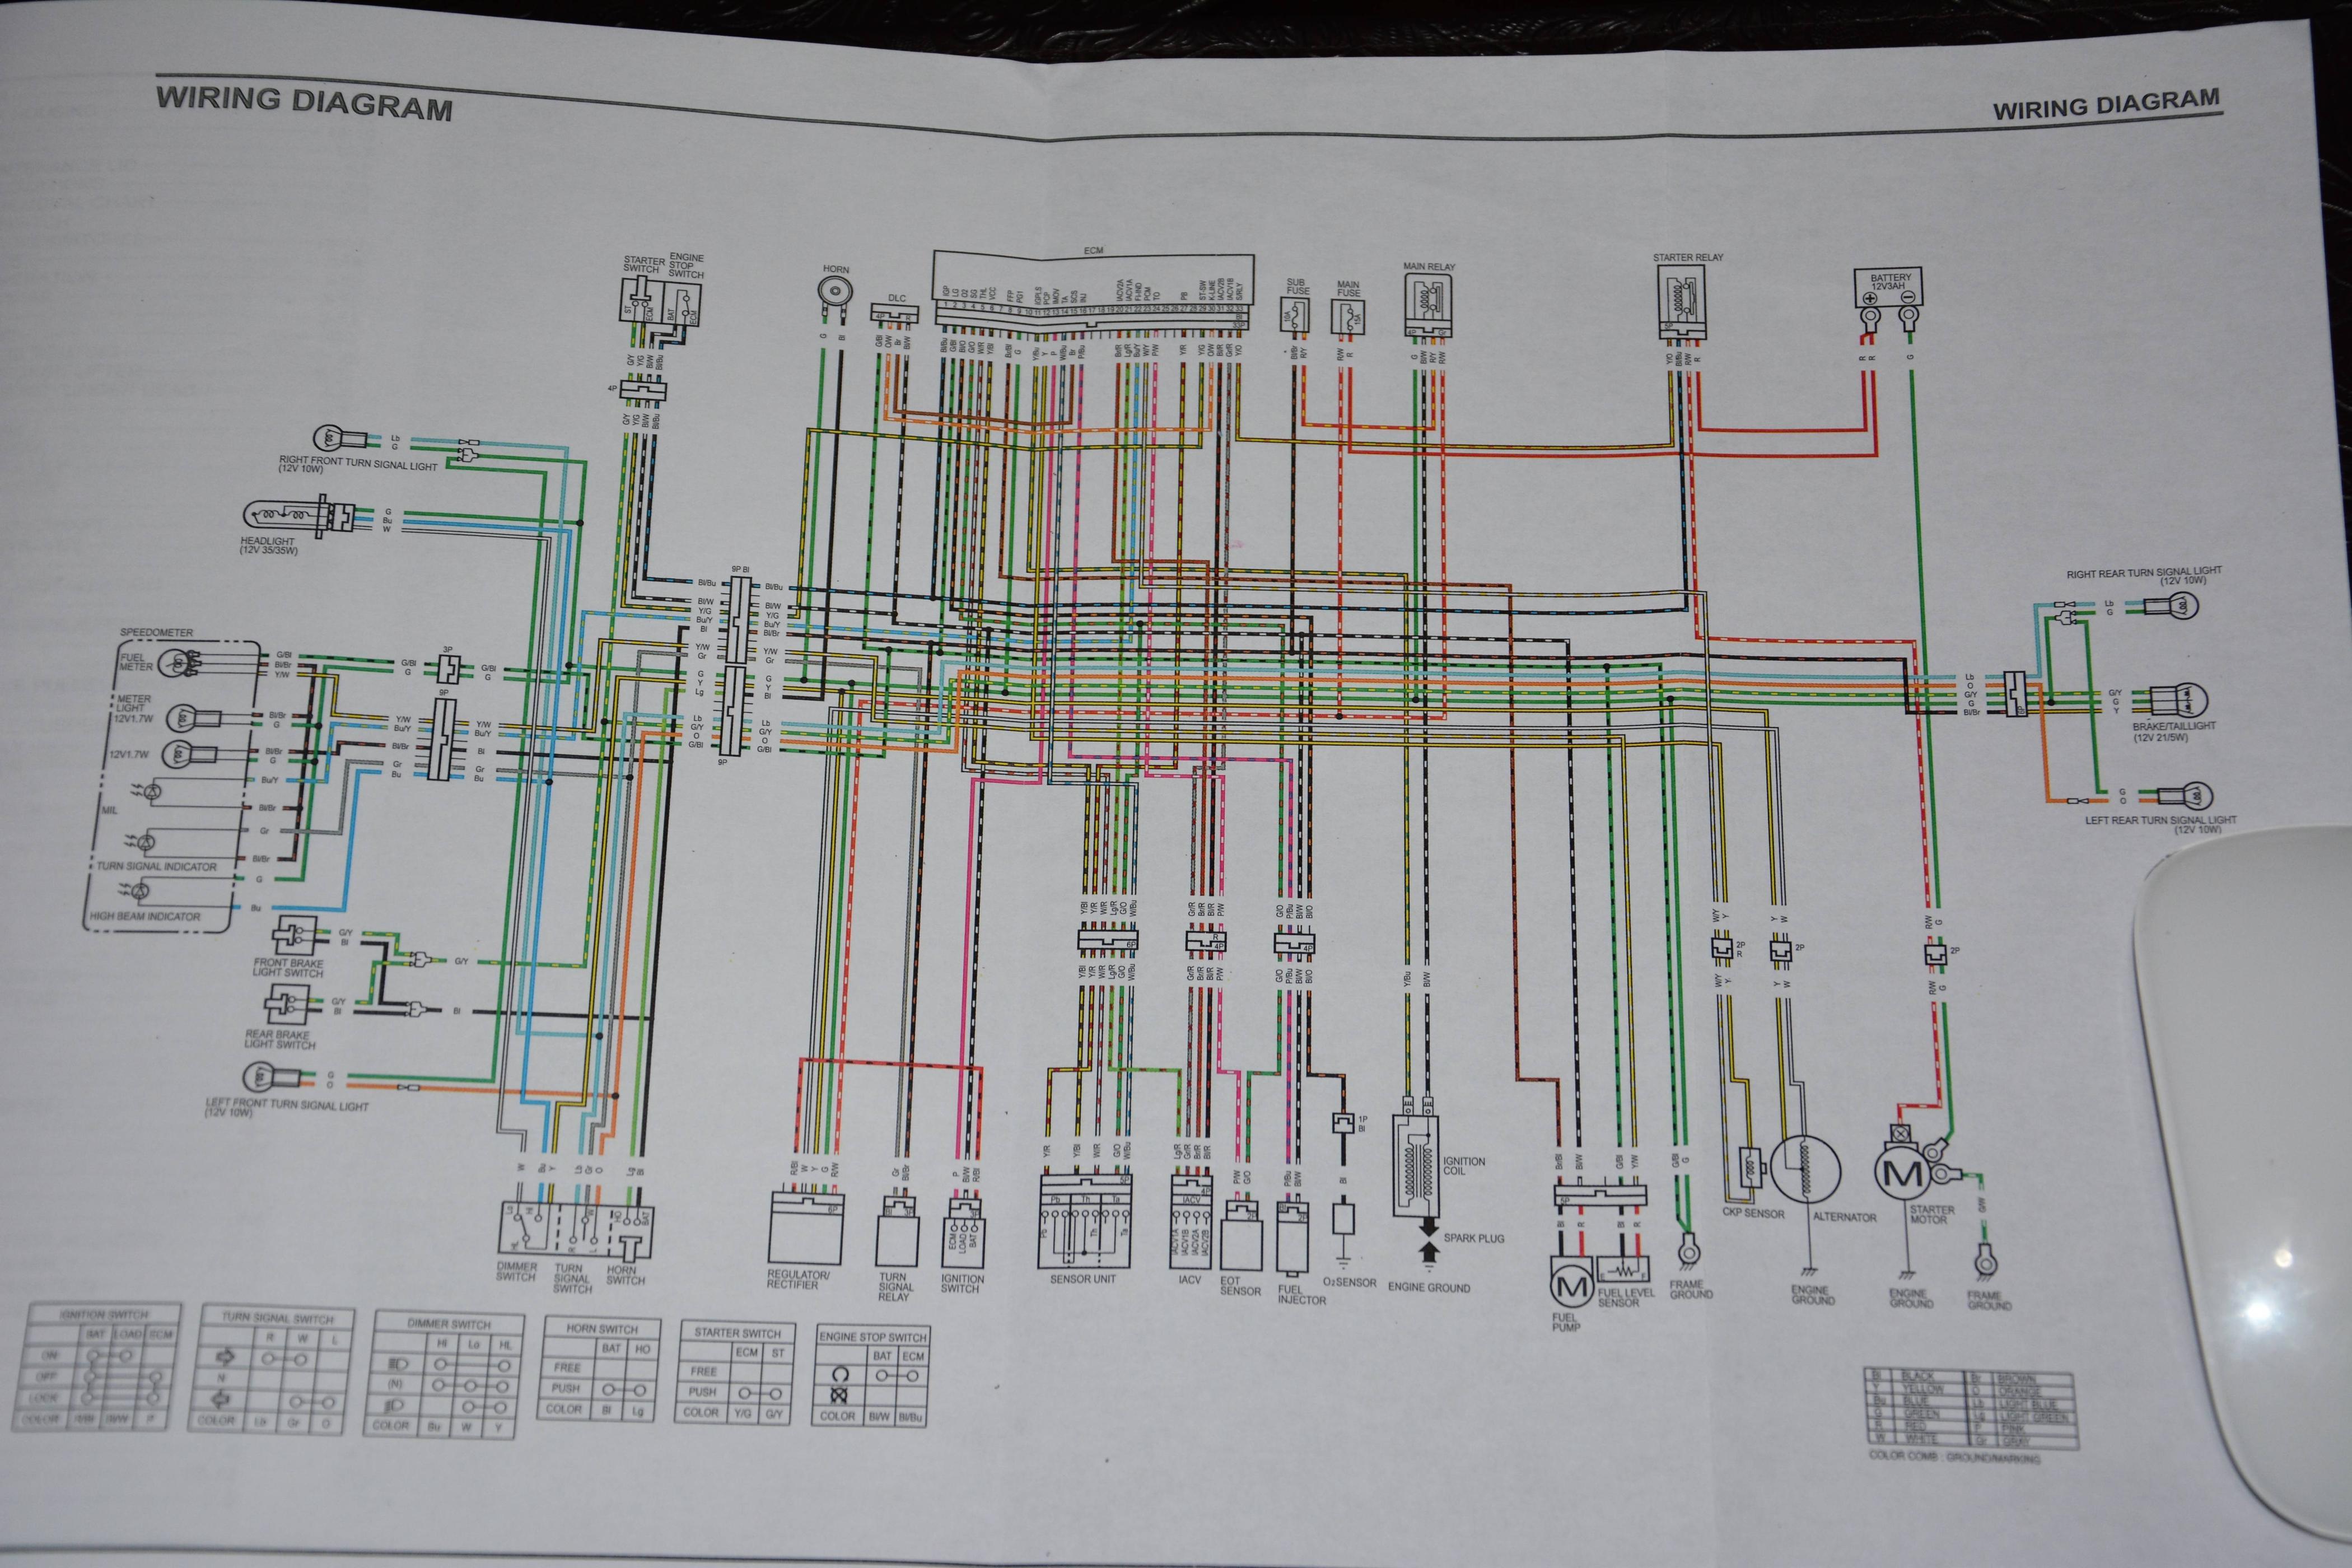 Honda Ruckus Wiring Harness Routing | Wiring Diagram - Honda Ruckus Wiring Diagram